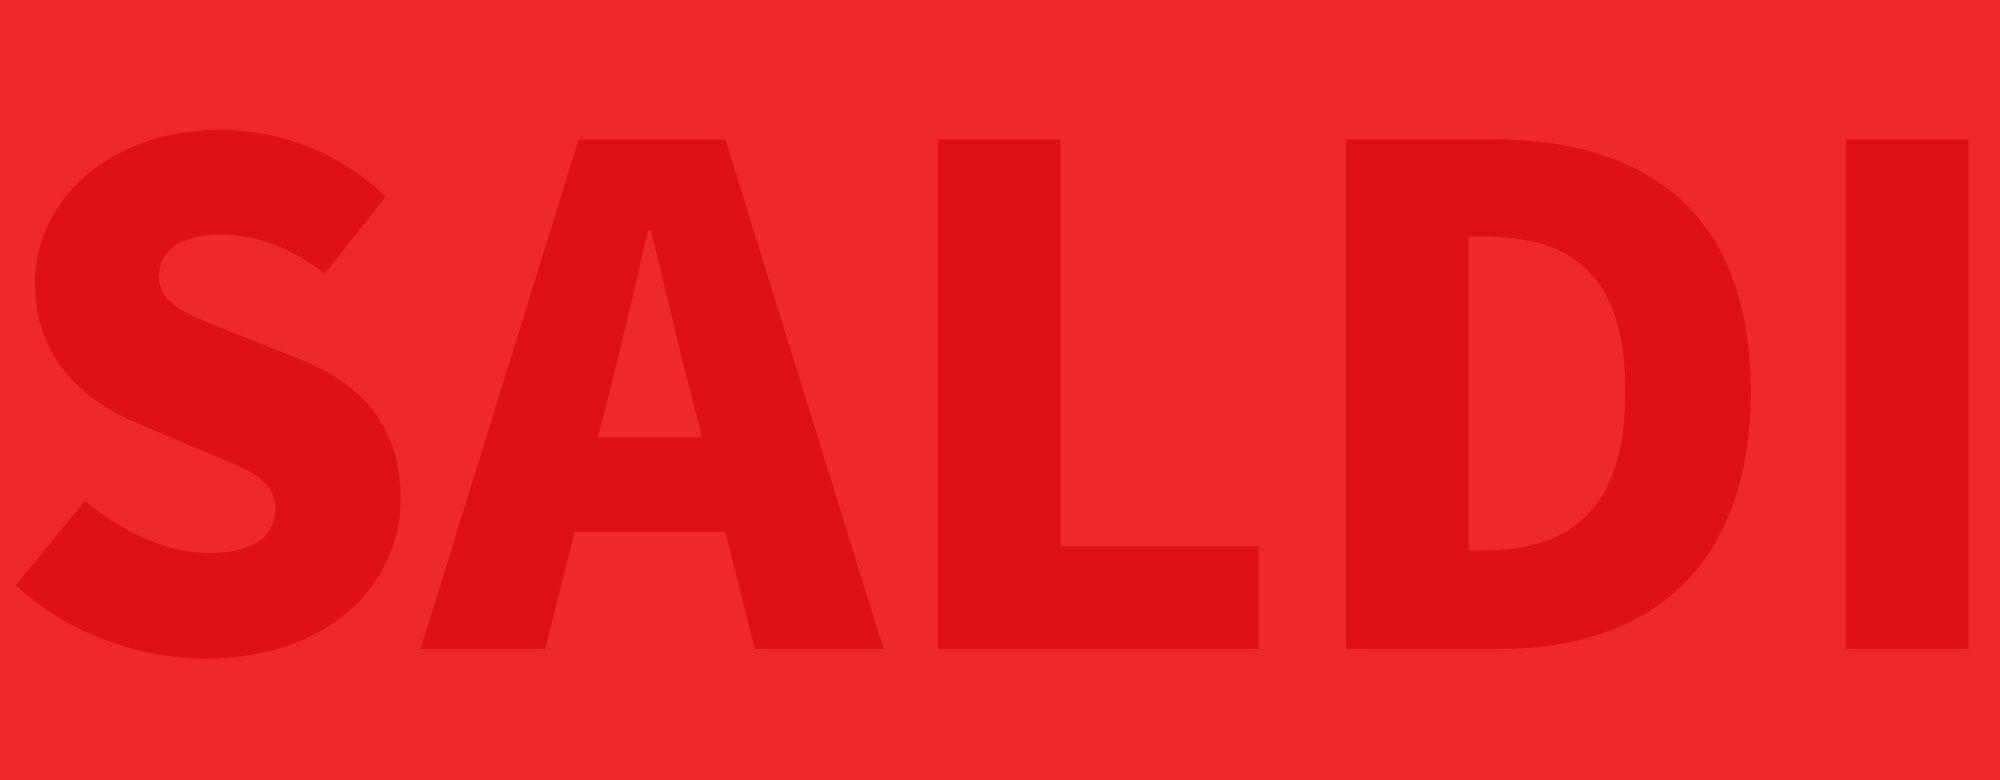 Fino al -50%  Online e in Store  Extra 10% sui saldi! Usa il codice EXTRA10al carrello  ACQUISTA ORA